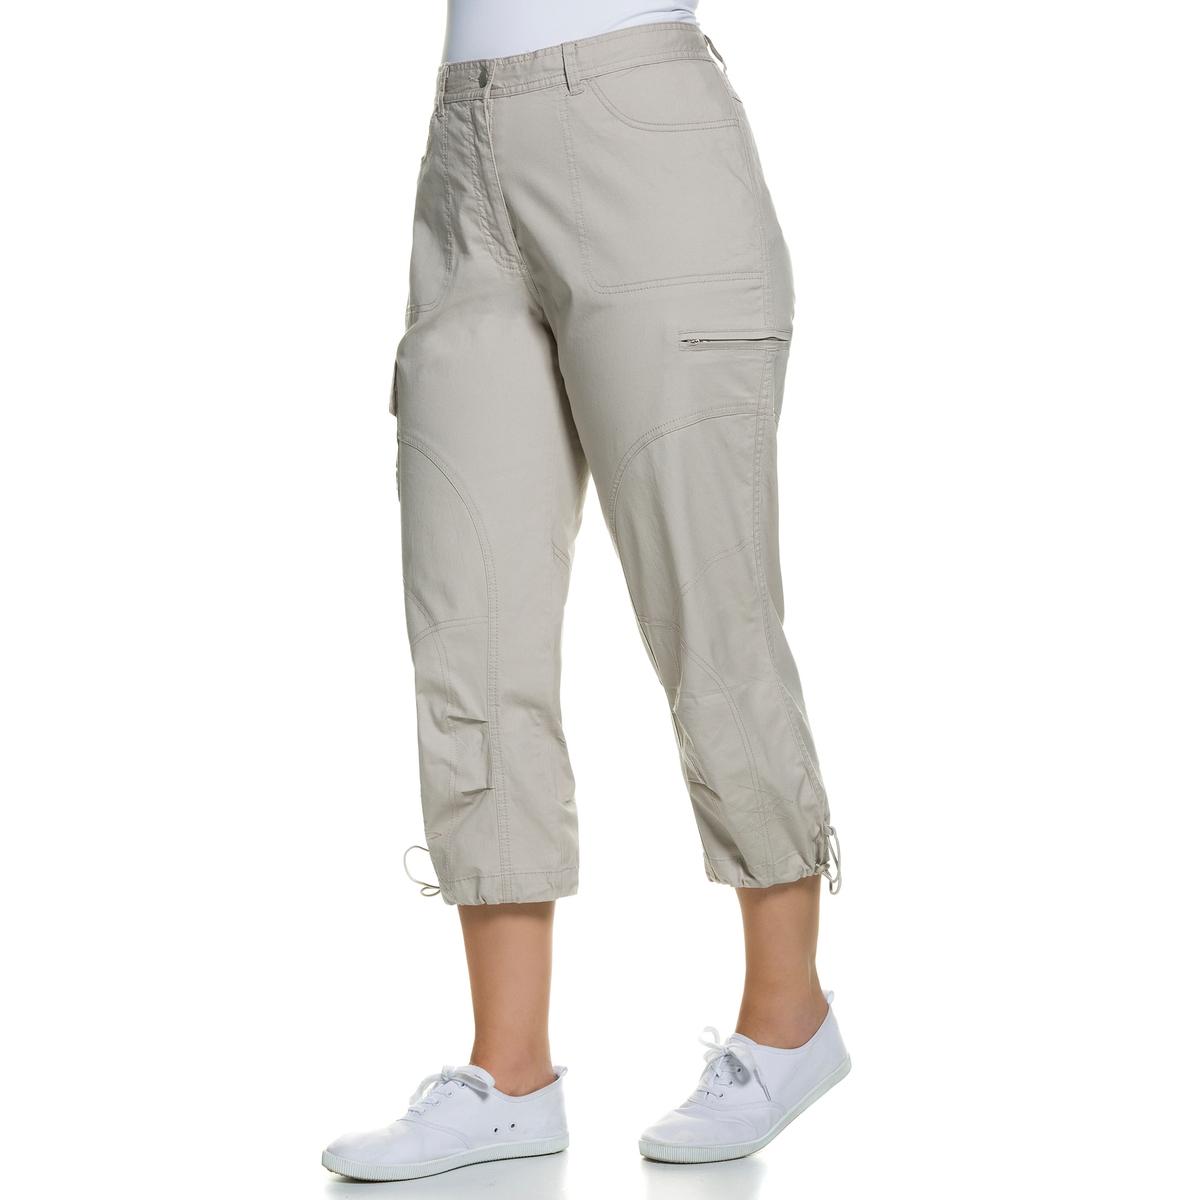 Брюки 7/8Брюки 7/8 ULLA POPKEN с большим количеством карманов. Отличные брюки для спортивного и свободного наряда. Пояс со шлевками, частично эластичный, края брючин с эластичными завязками . 97% хлопка, 3% эластана. Длина по внутр.шву ок.. 58 см<br><br>Цвет: бежевый